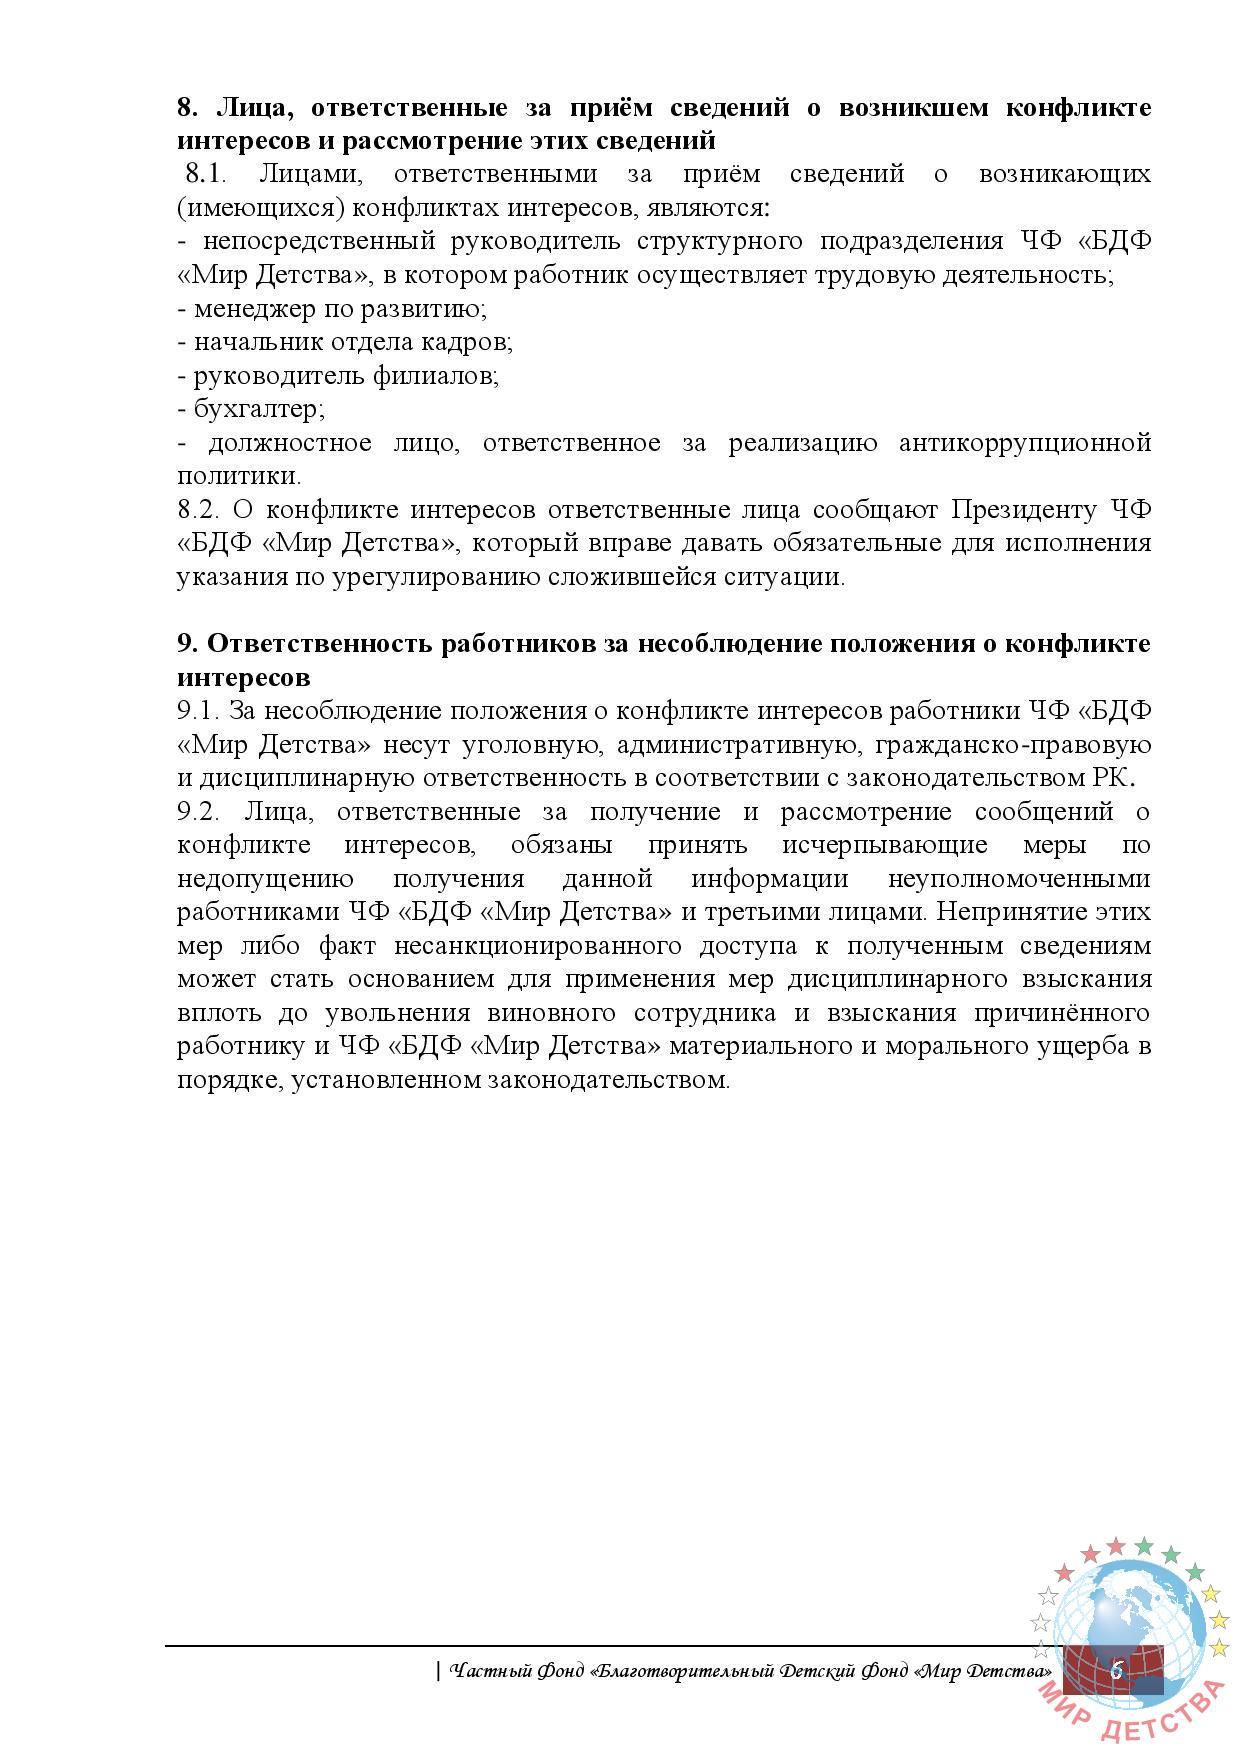 oficialnoe_polozhenie_o_konflikte_interesov-page-006